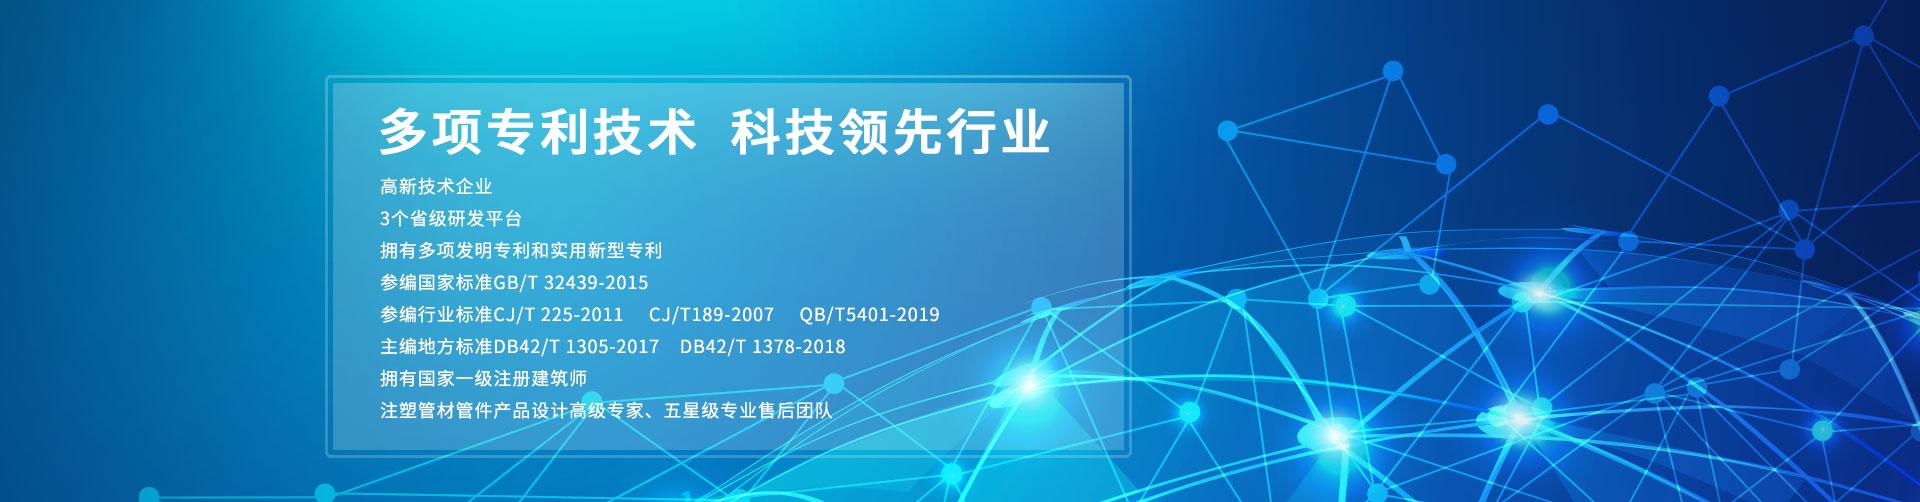 钢丝网骨架龙8国际官网授权厂家